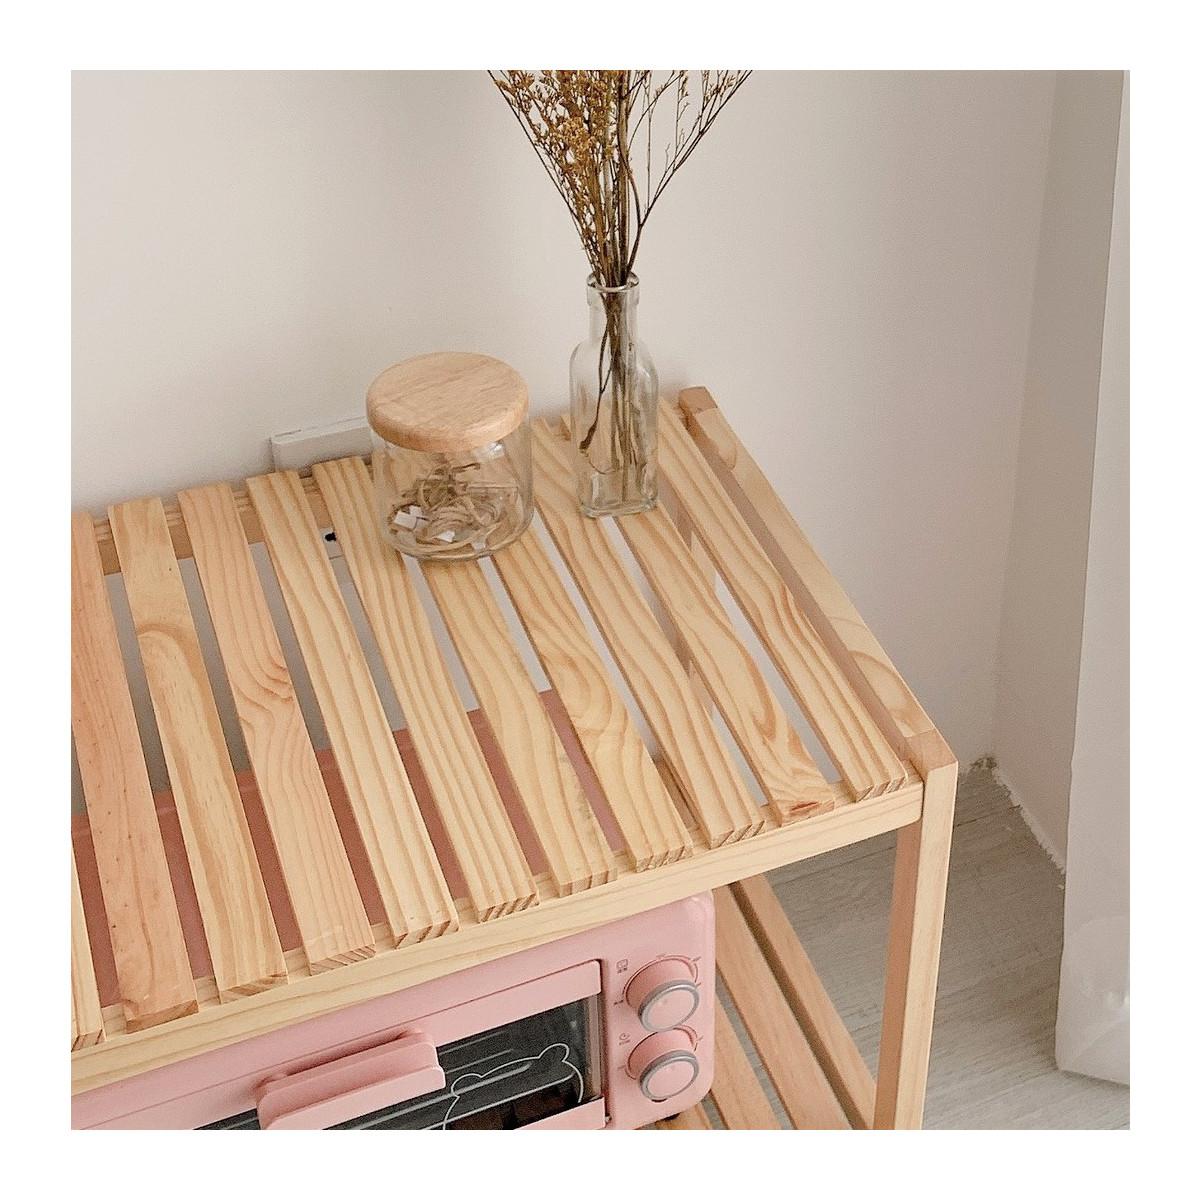 Giá kệ gỗ lò vi sóng Diwali hình chữ nhật 3 tầng đa năng dài 66cm rộng 40cm cao 86cm - Gỗ thông NewZealand - Màu vàng nhạt - Có vân gỗ đẹp